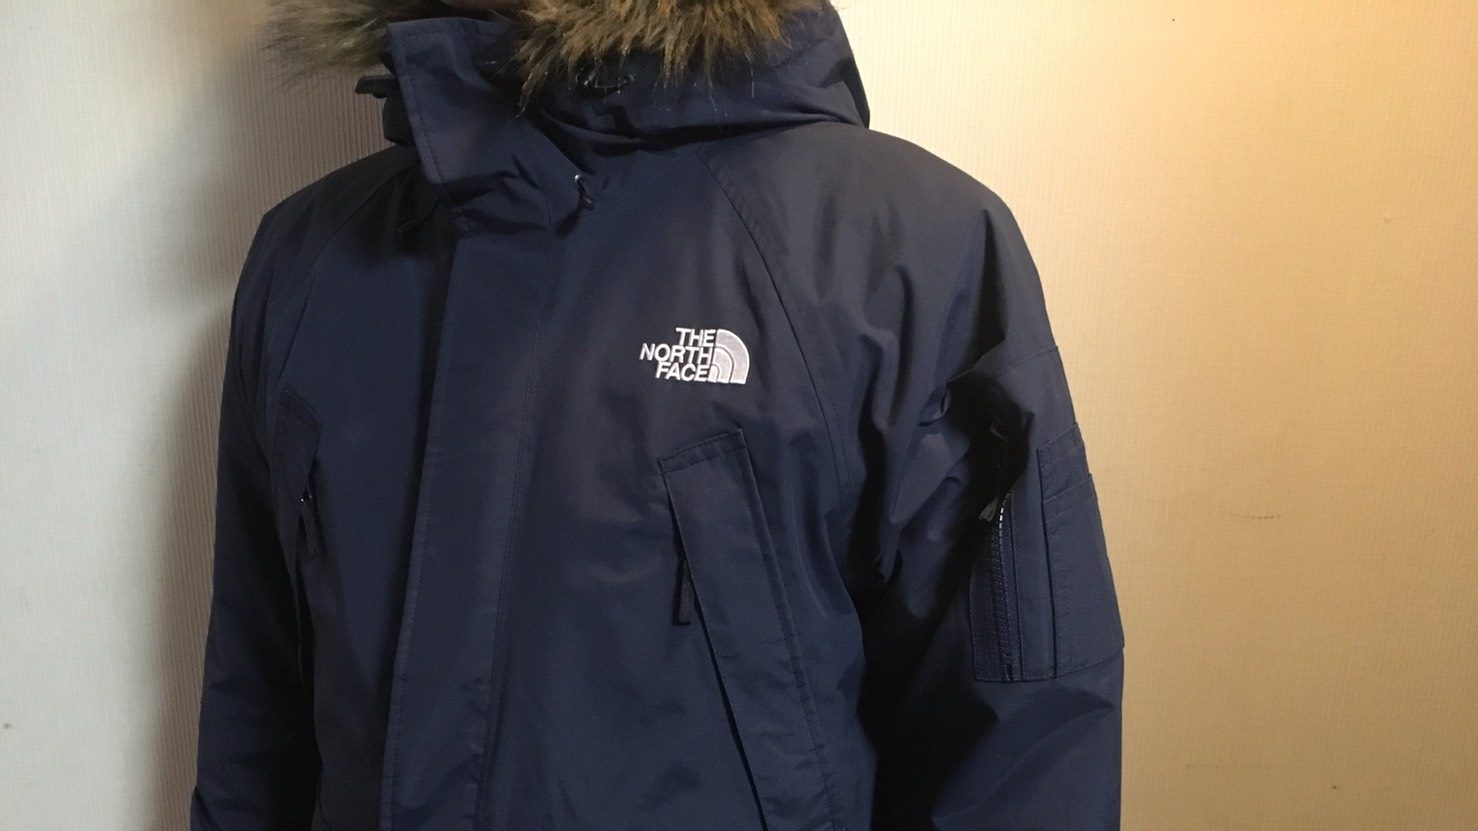 ノースフェイス グレーストリクライメイトジャケット